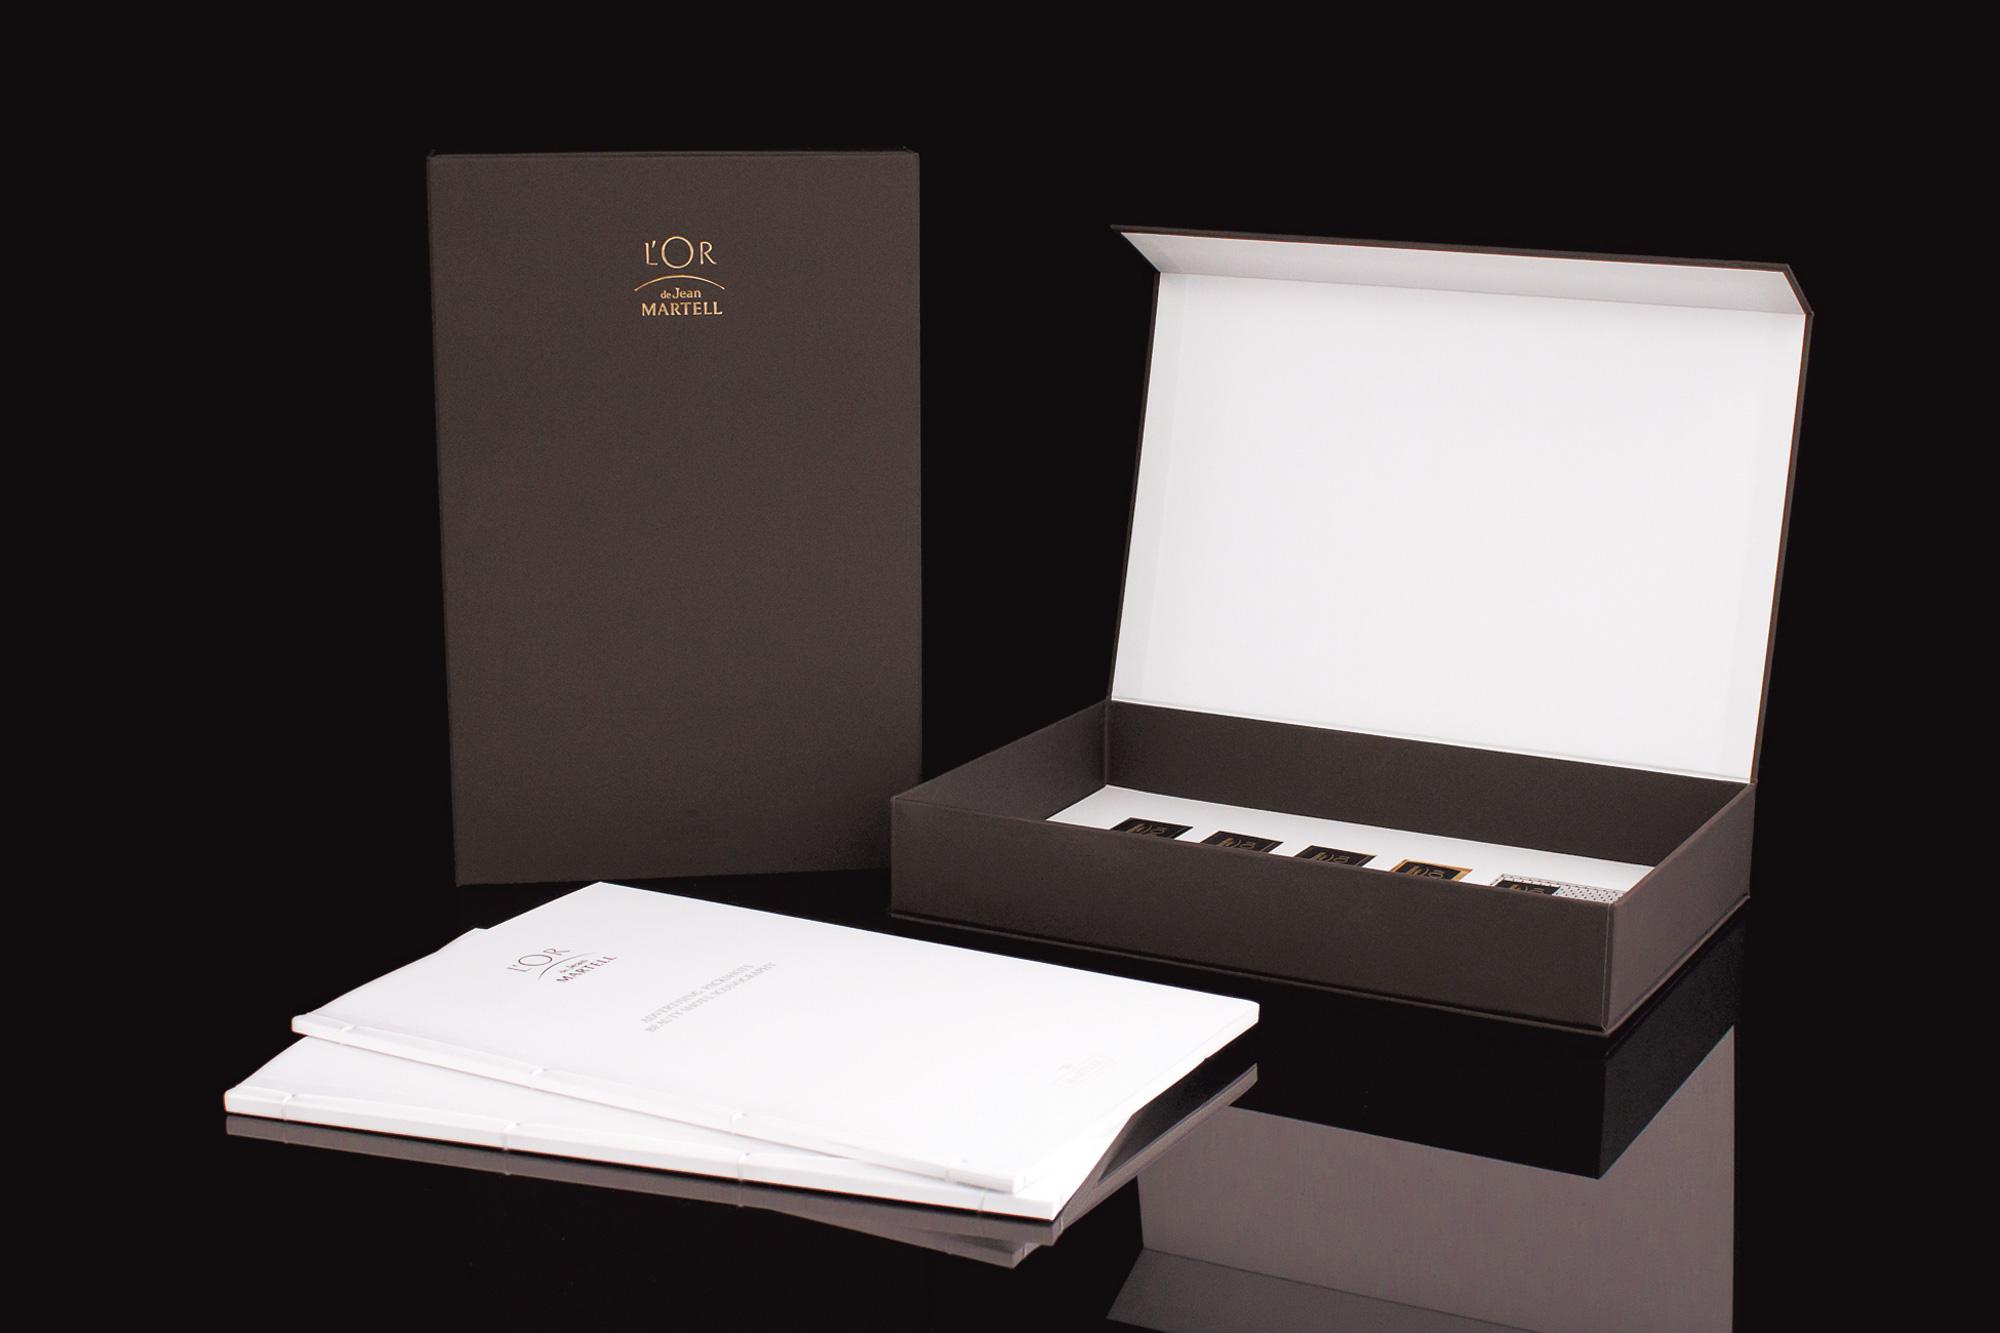 opales cartonnage fabricant de coffrets et classeurs de luxe. Black Bedroom Furniture Sets. Home Design Ideas